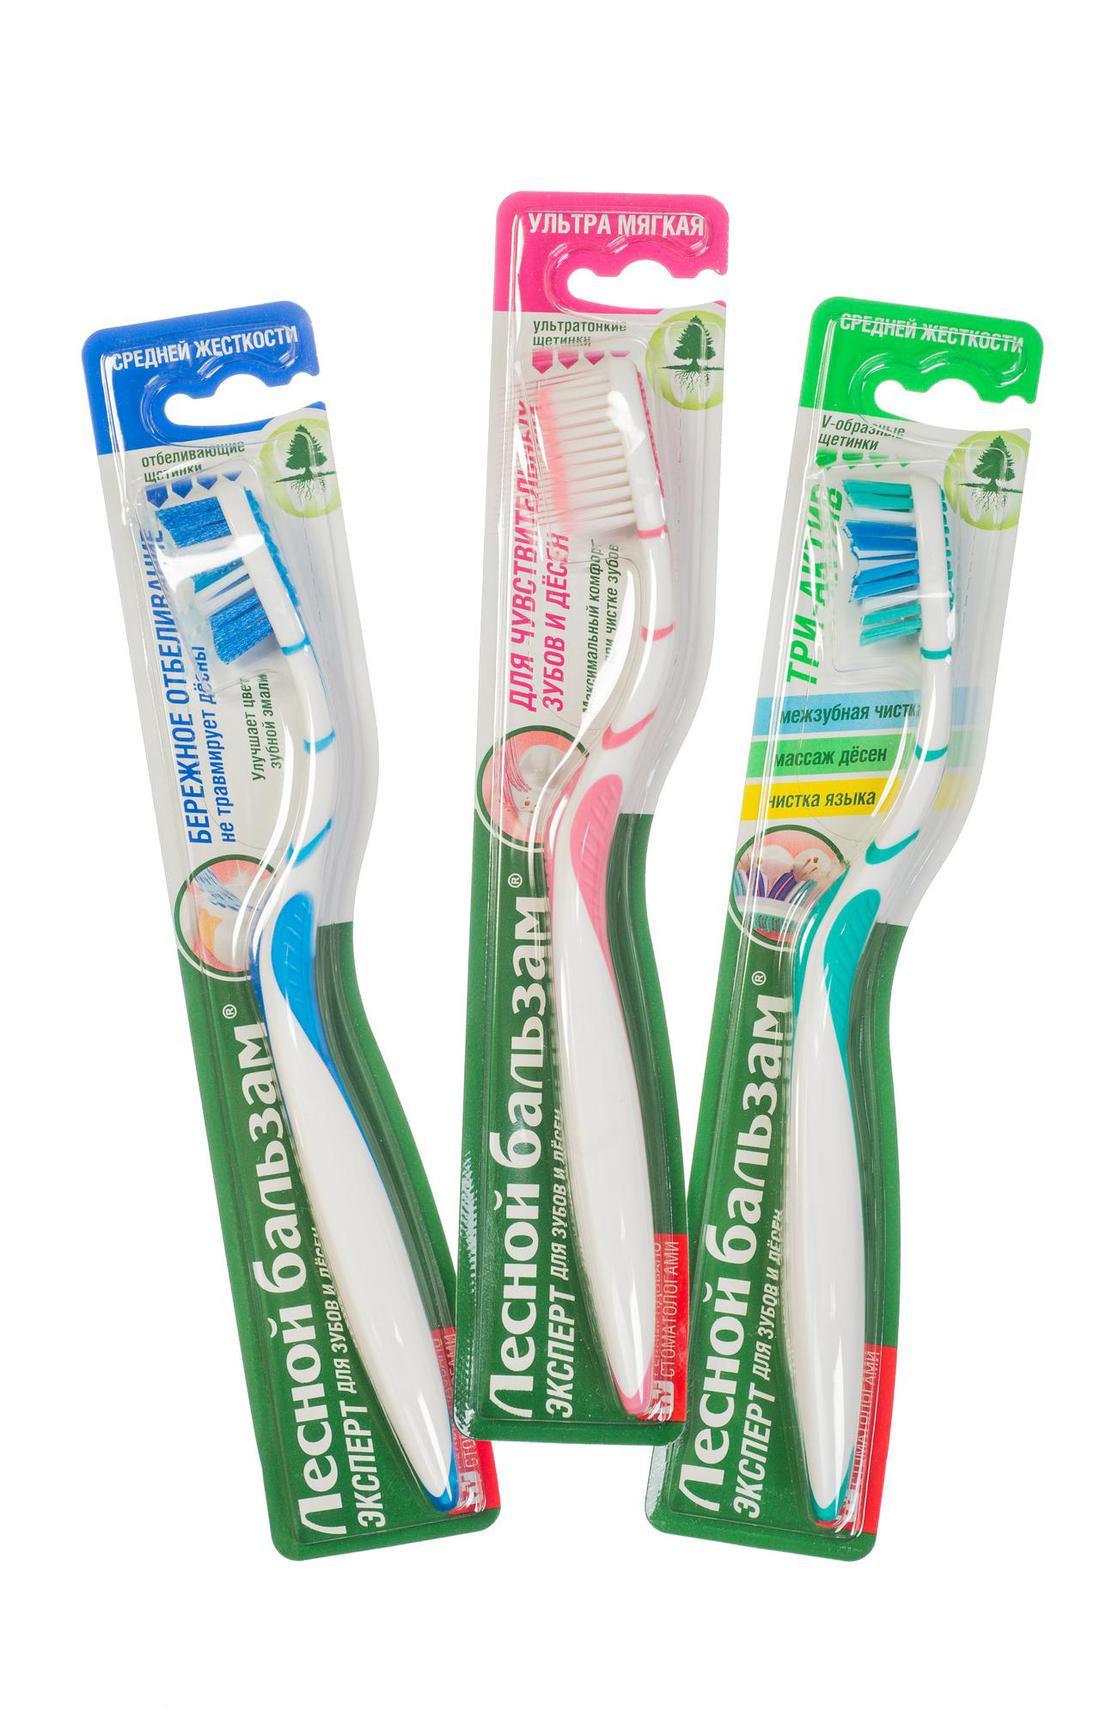 """Зубная щетка """"лесной бальзам""""специальный уход за ослабленными зубами"""